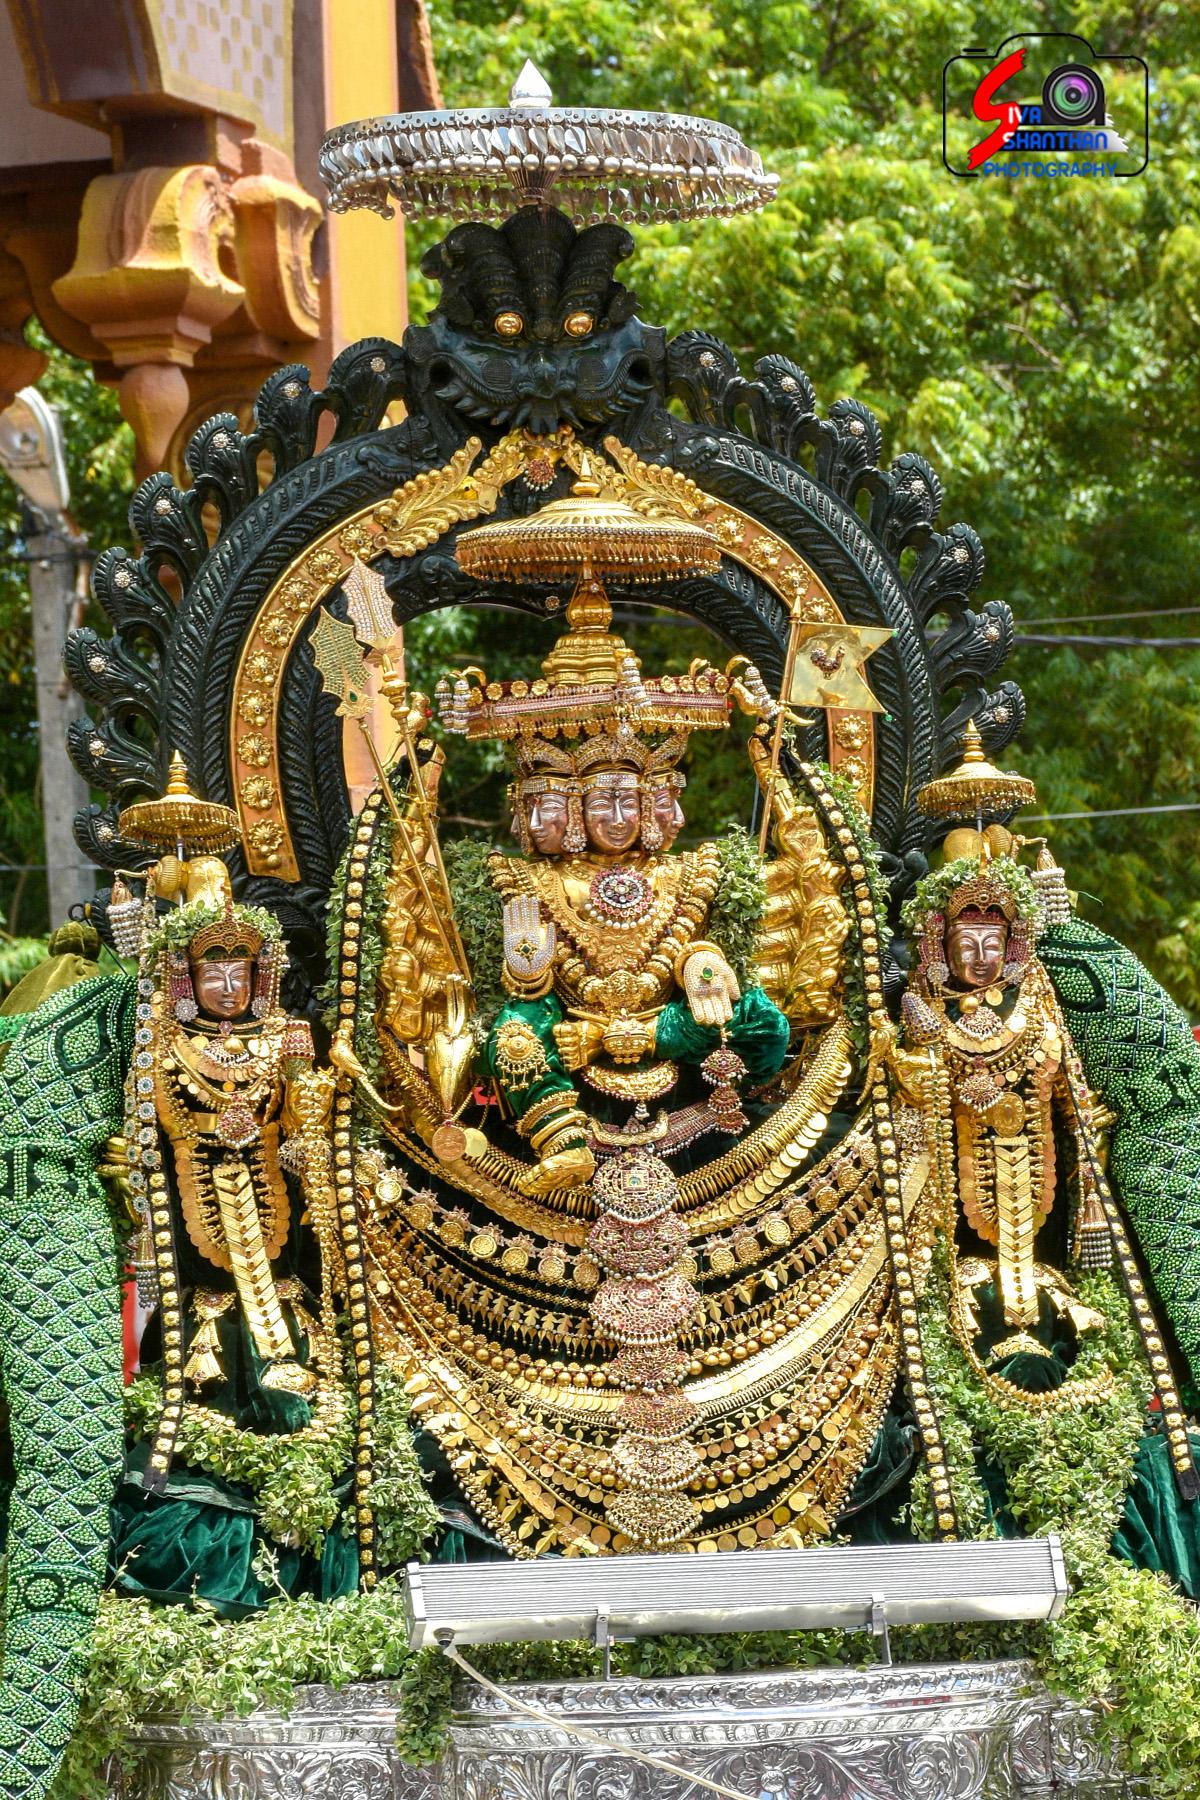 யாழ்ப்பாணம் – நல்லூர் கந்தசுவாமி கோவில் தேர்த்திருவிழா - படங்கள் மற்றும் வீடியோ 20